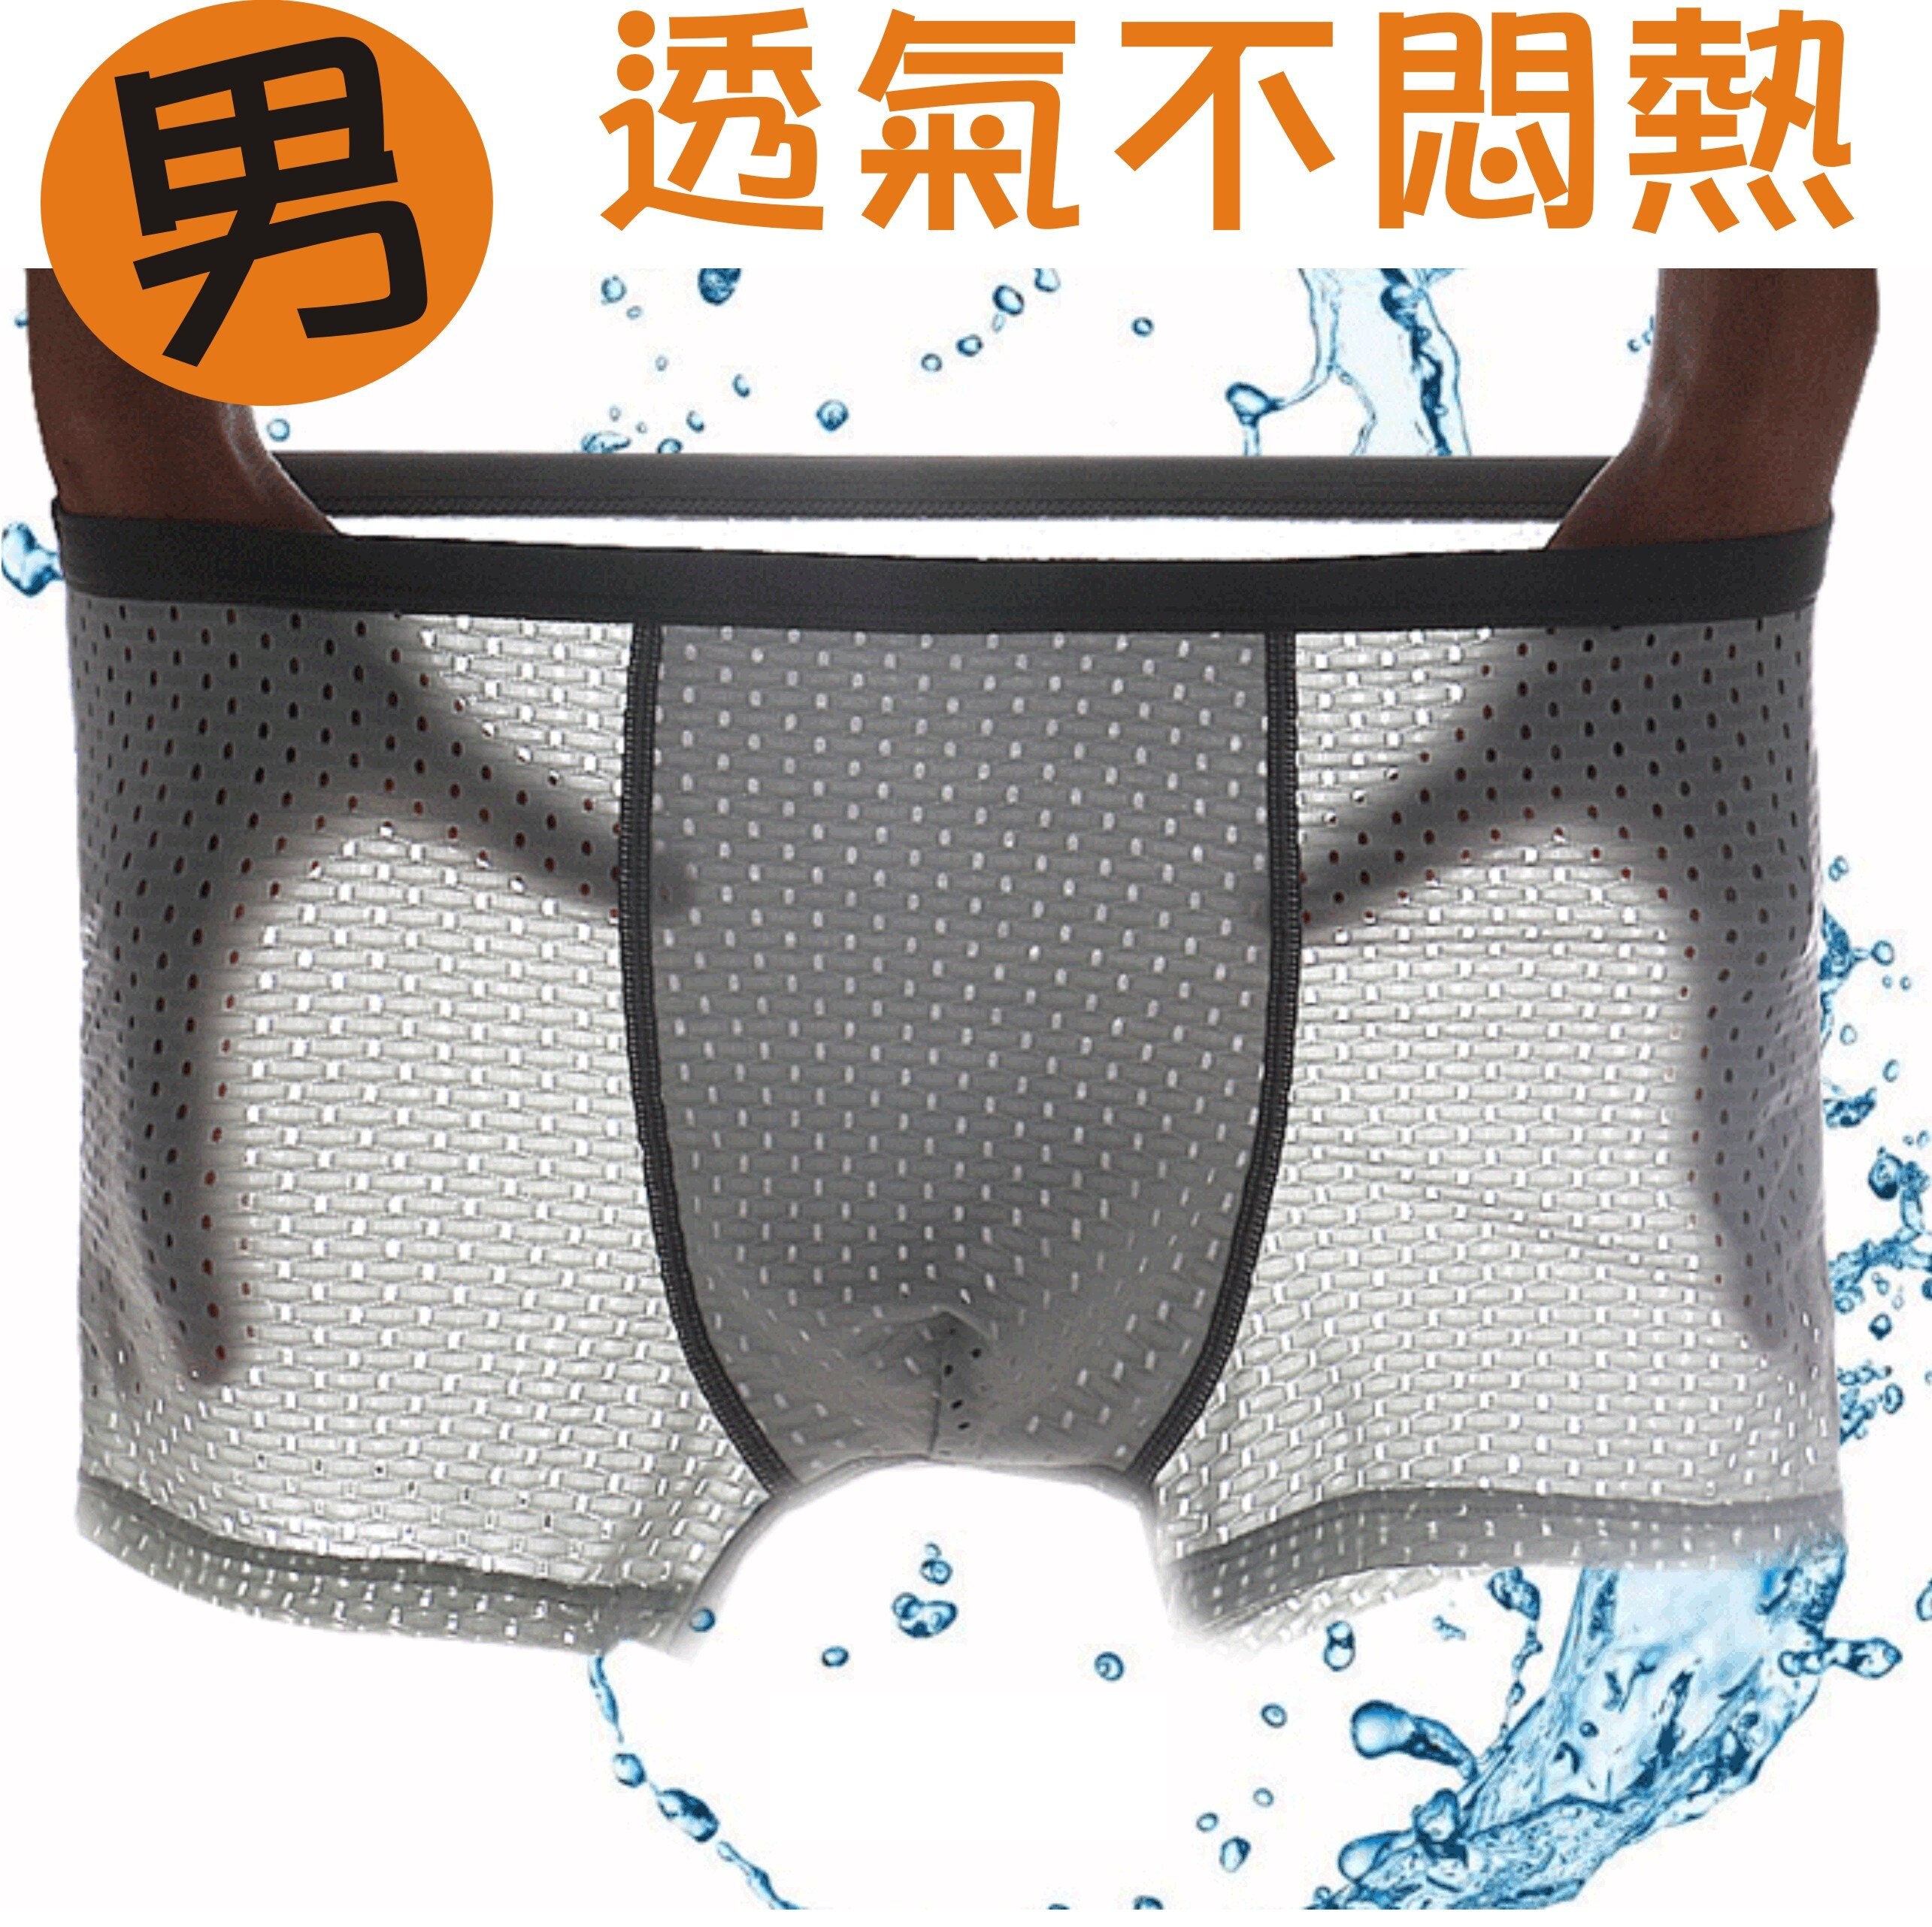 廠家大量生產 高CP值 男內褲 整件透氣網孔設計 不悶熱增強生殖器功能 男性內褲 正面未開洞 彈力舒適好穿 C59